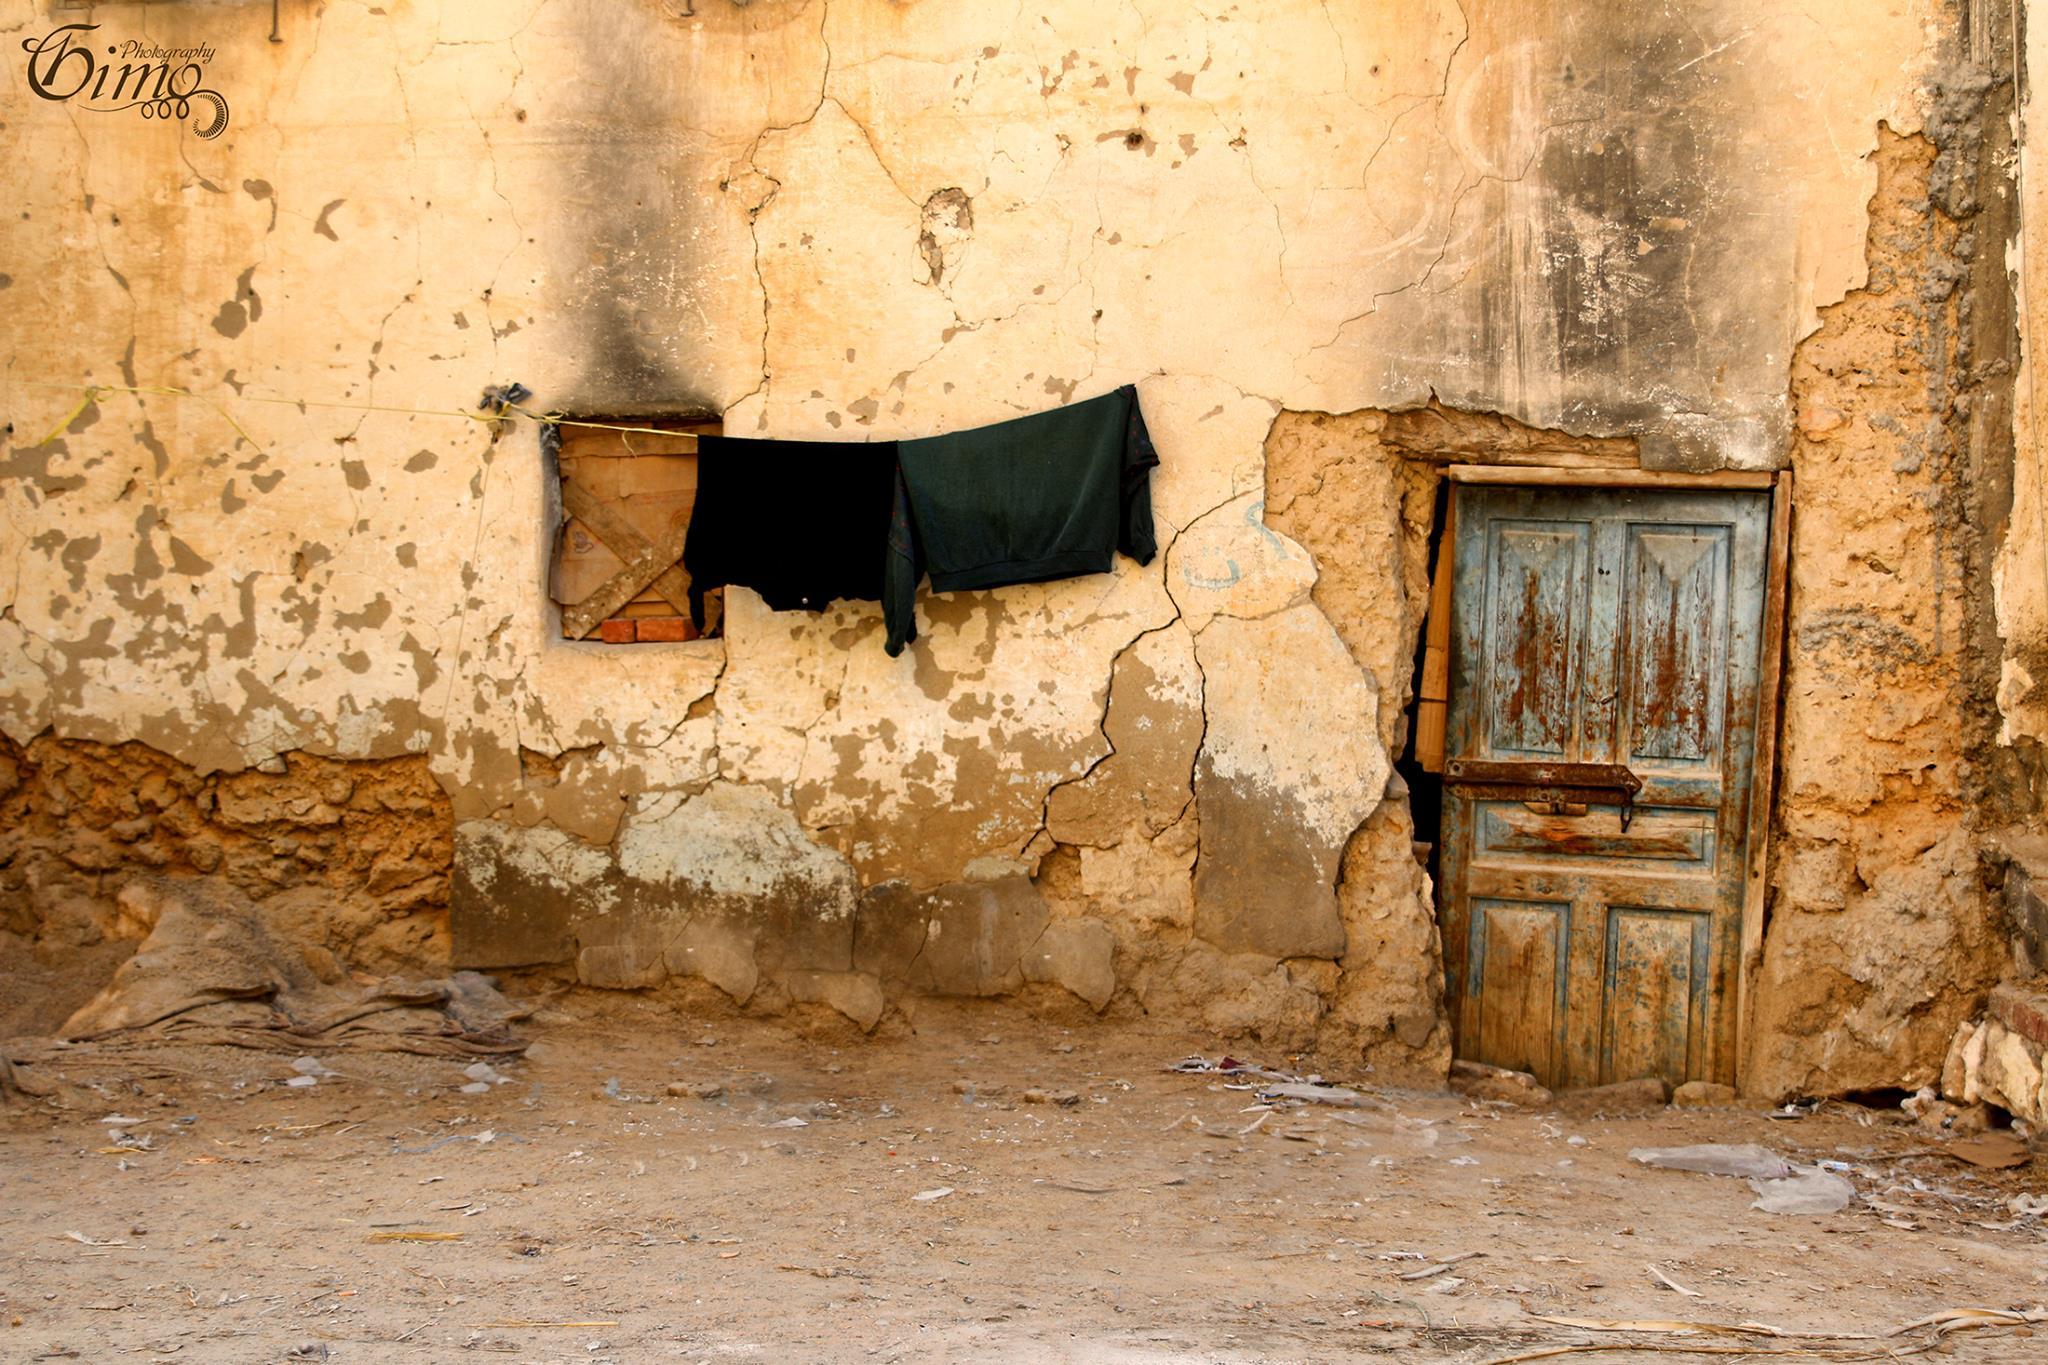 Mud houses in Siwa